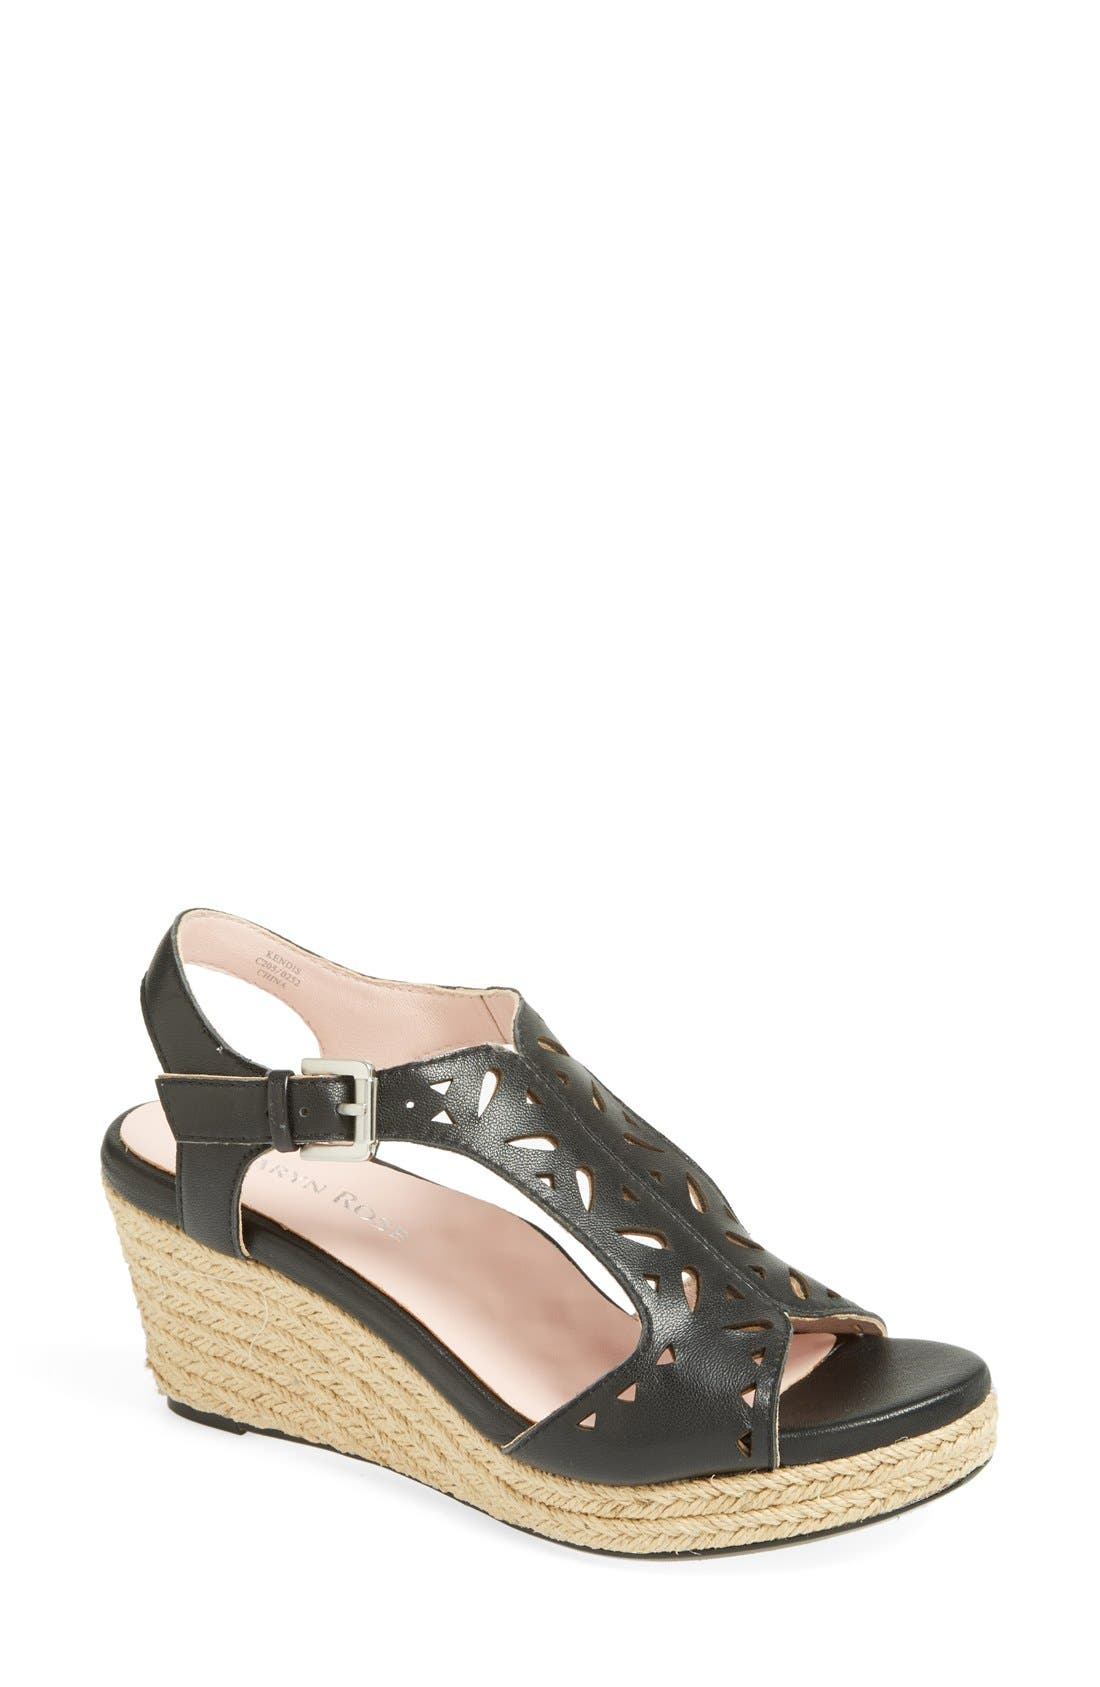 Main Image - Taryn Rose 'Kendis' Sandal